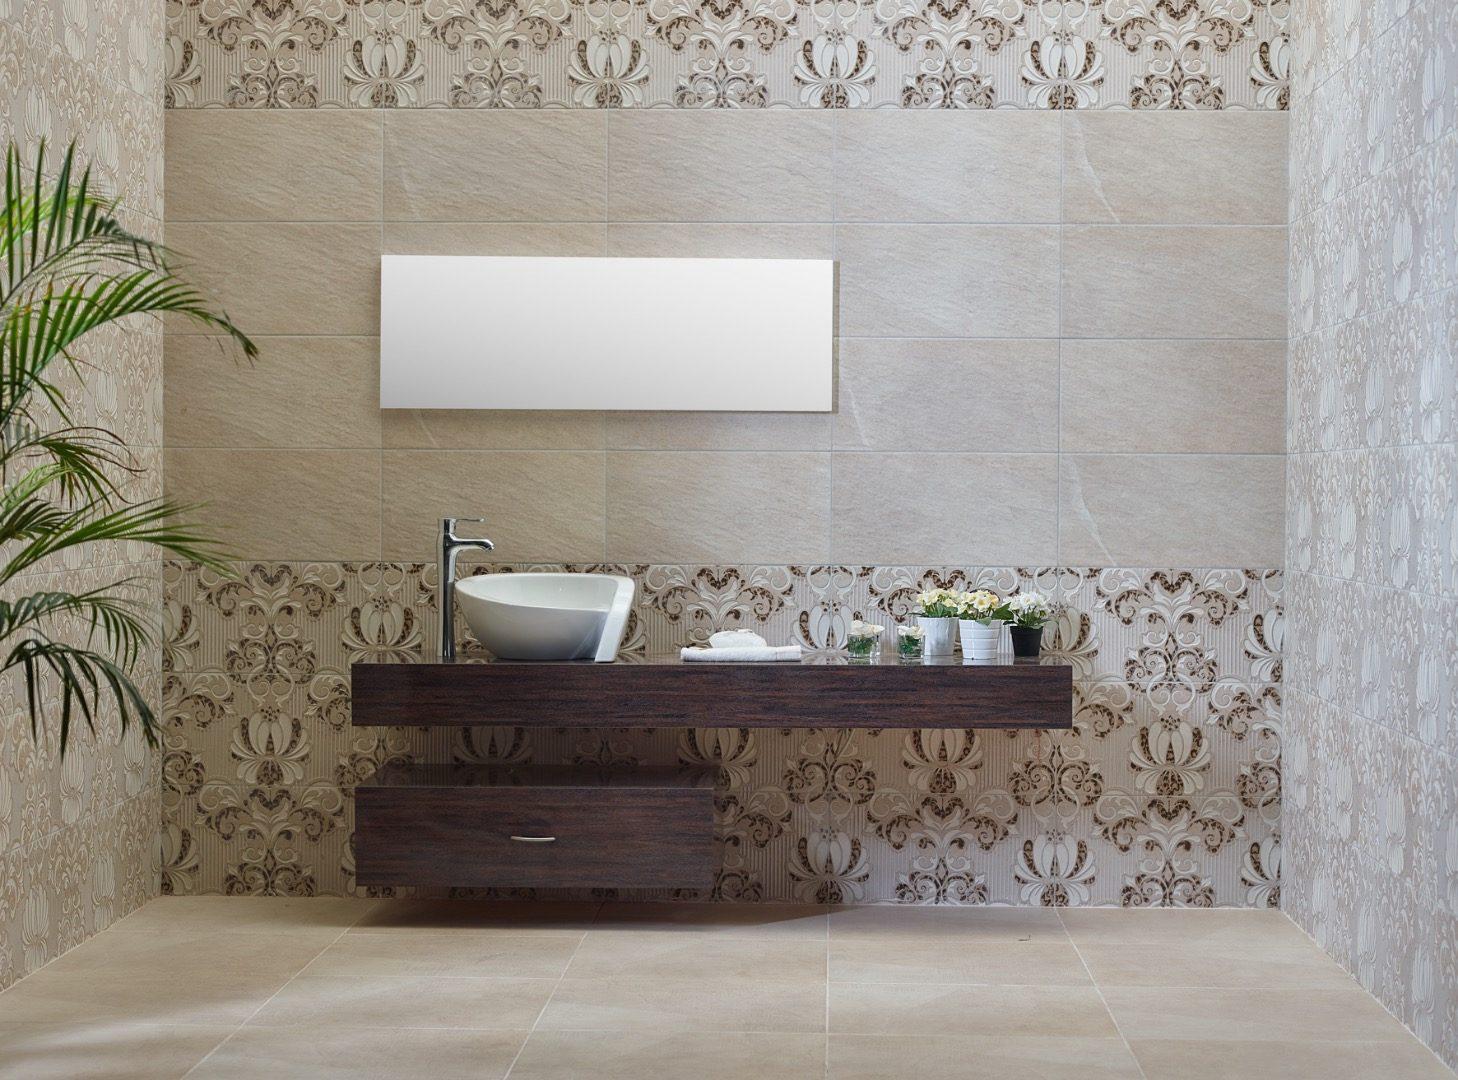 بالصور سيراميكا كليوباترا حمامات , اجمل حمامات سيراميكا كليوباترا 3895 5